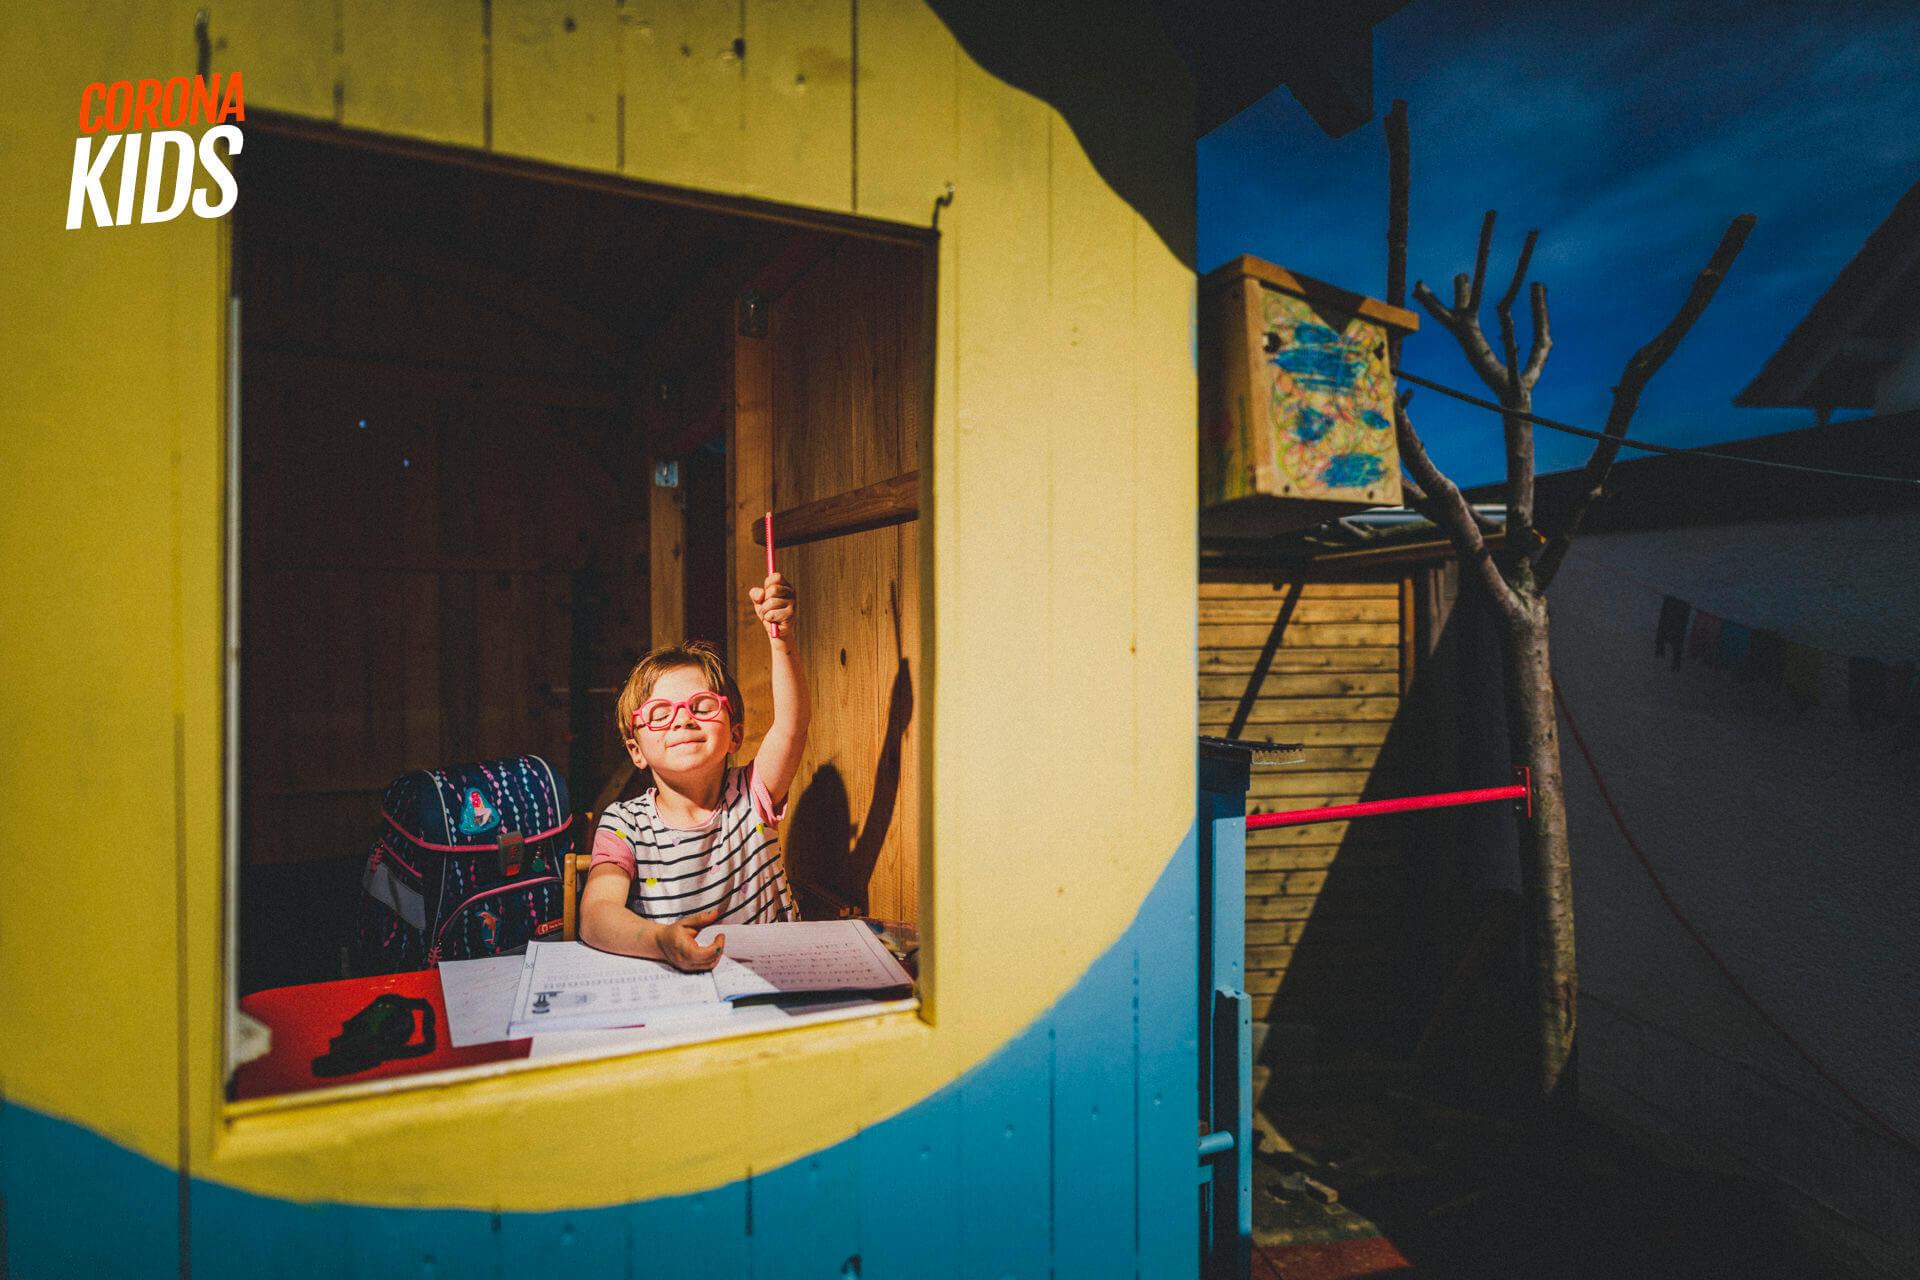 corona-kids - ein corona-fotoprojekt uber kinder und jugendliche in der corona-pandemie